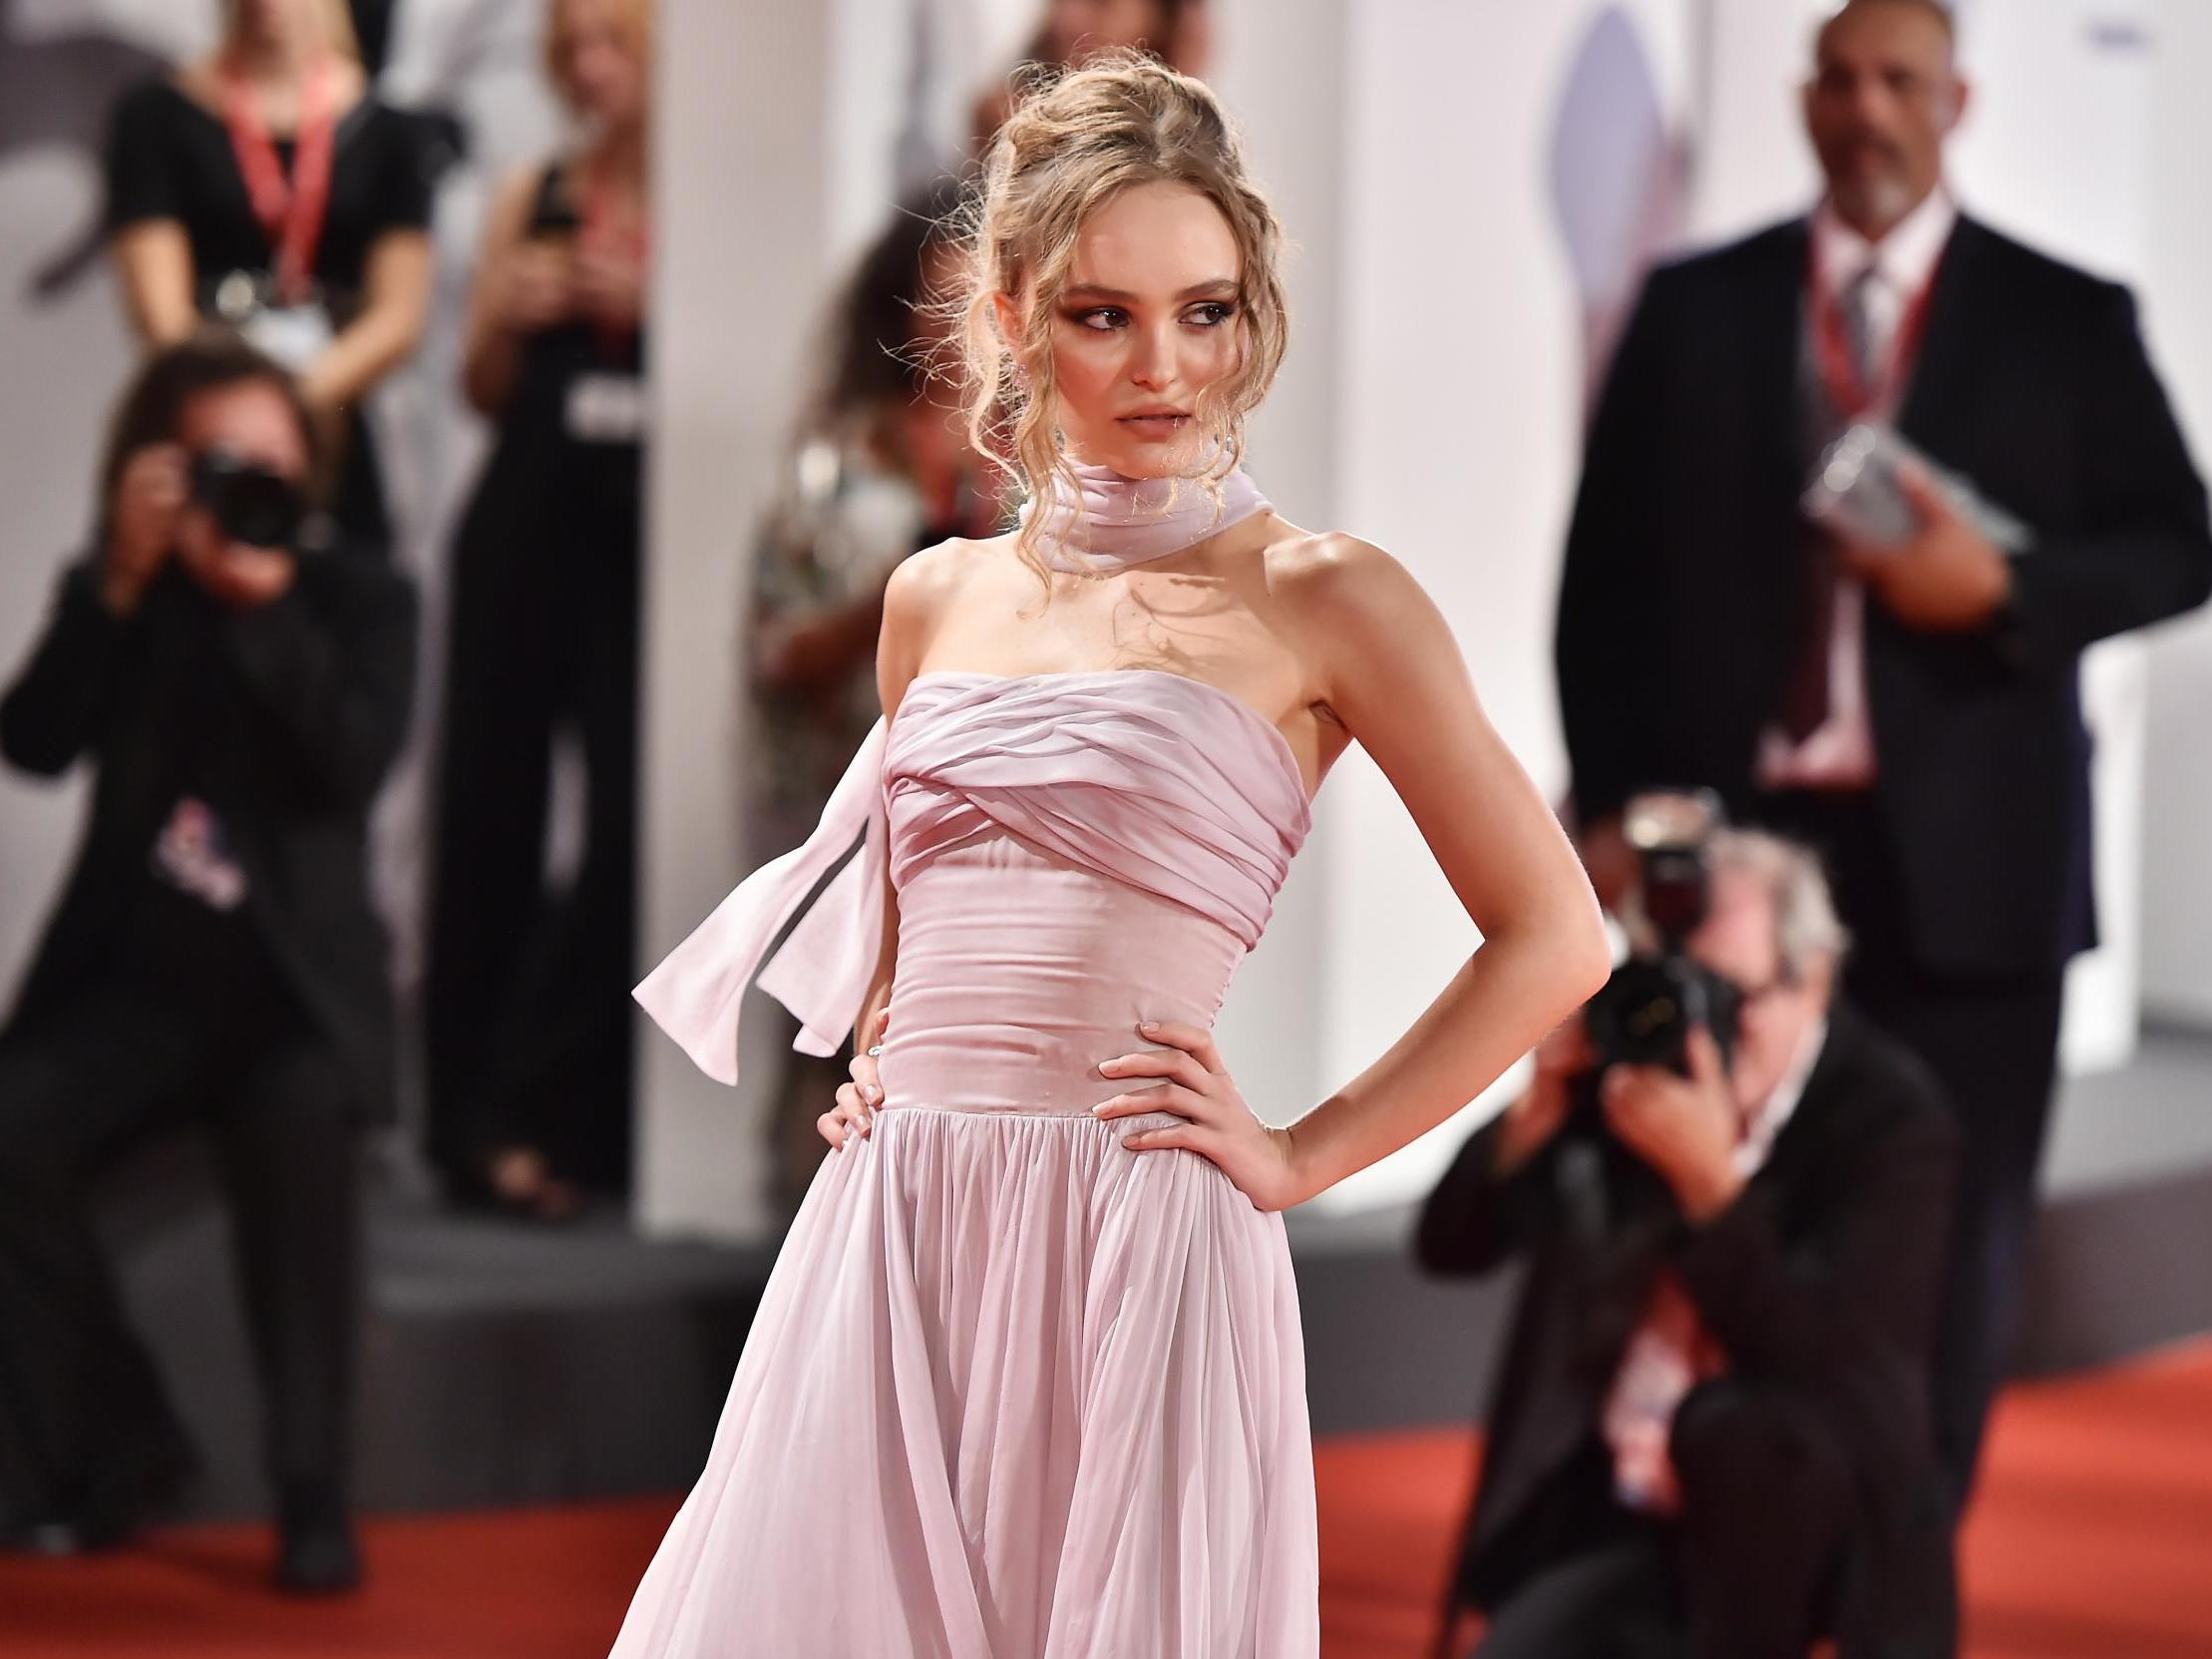 Venice Film Festival 2019: Best-dressed stars, from Cate Blanchett to Scarlett Johansson